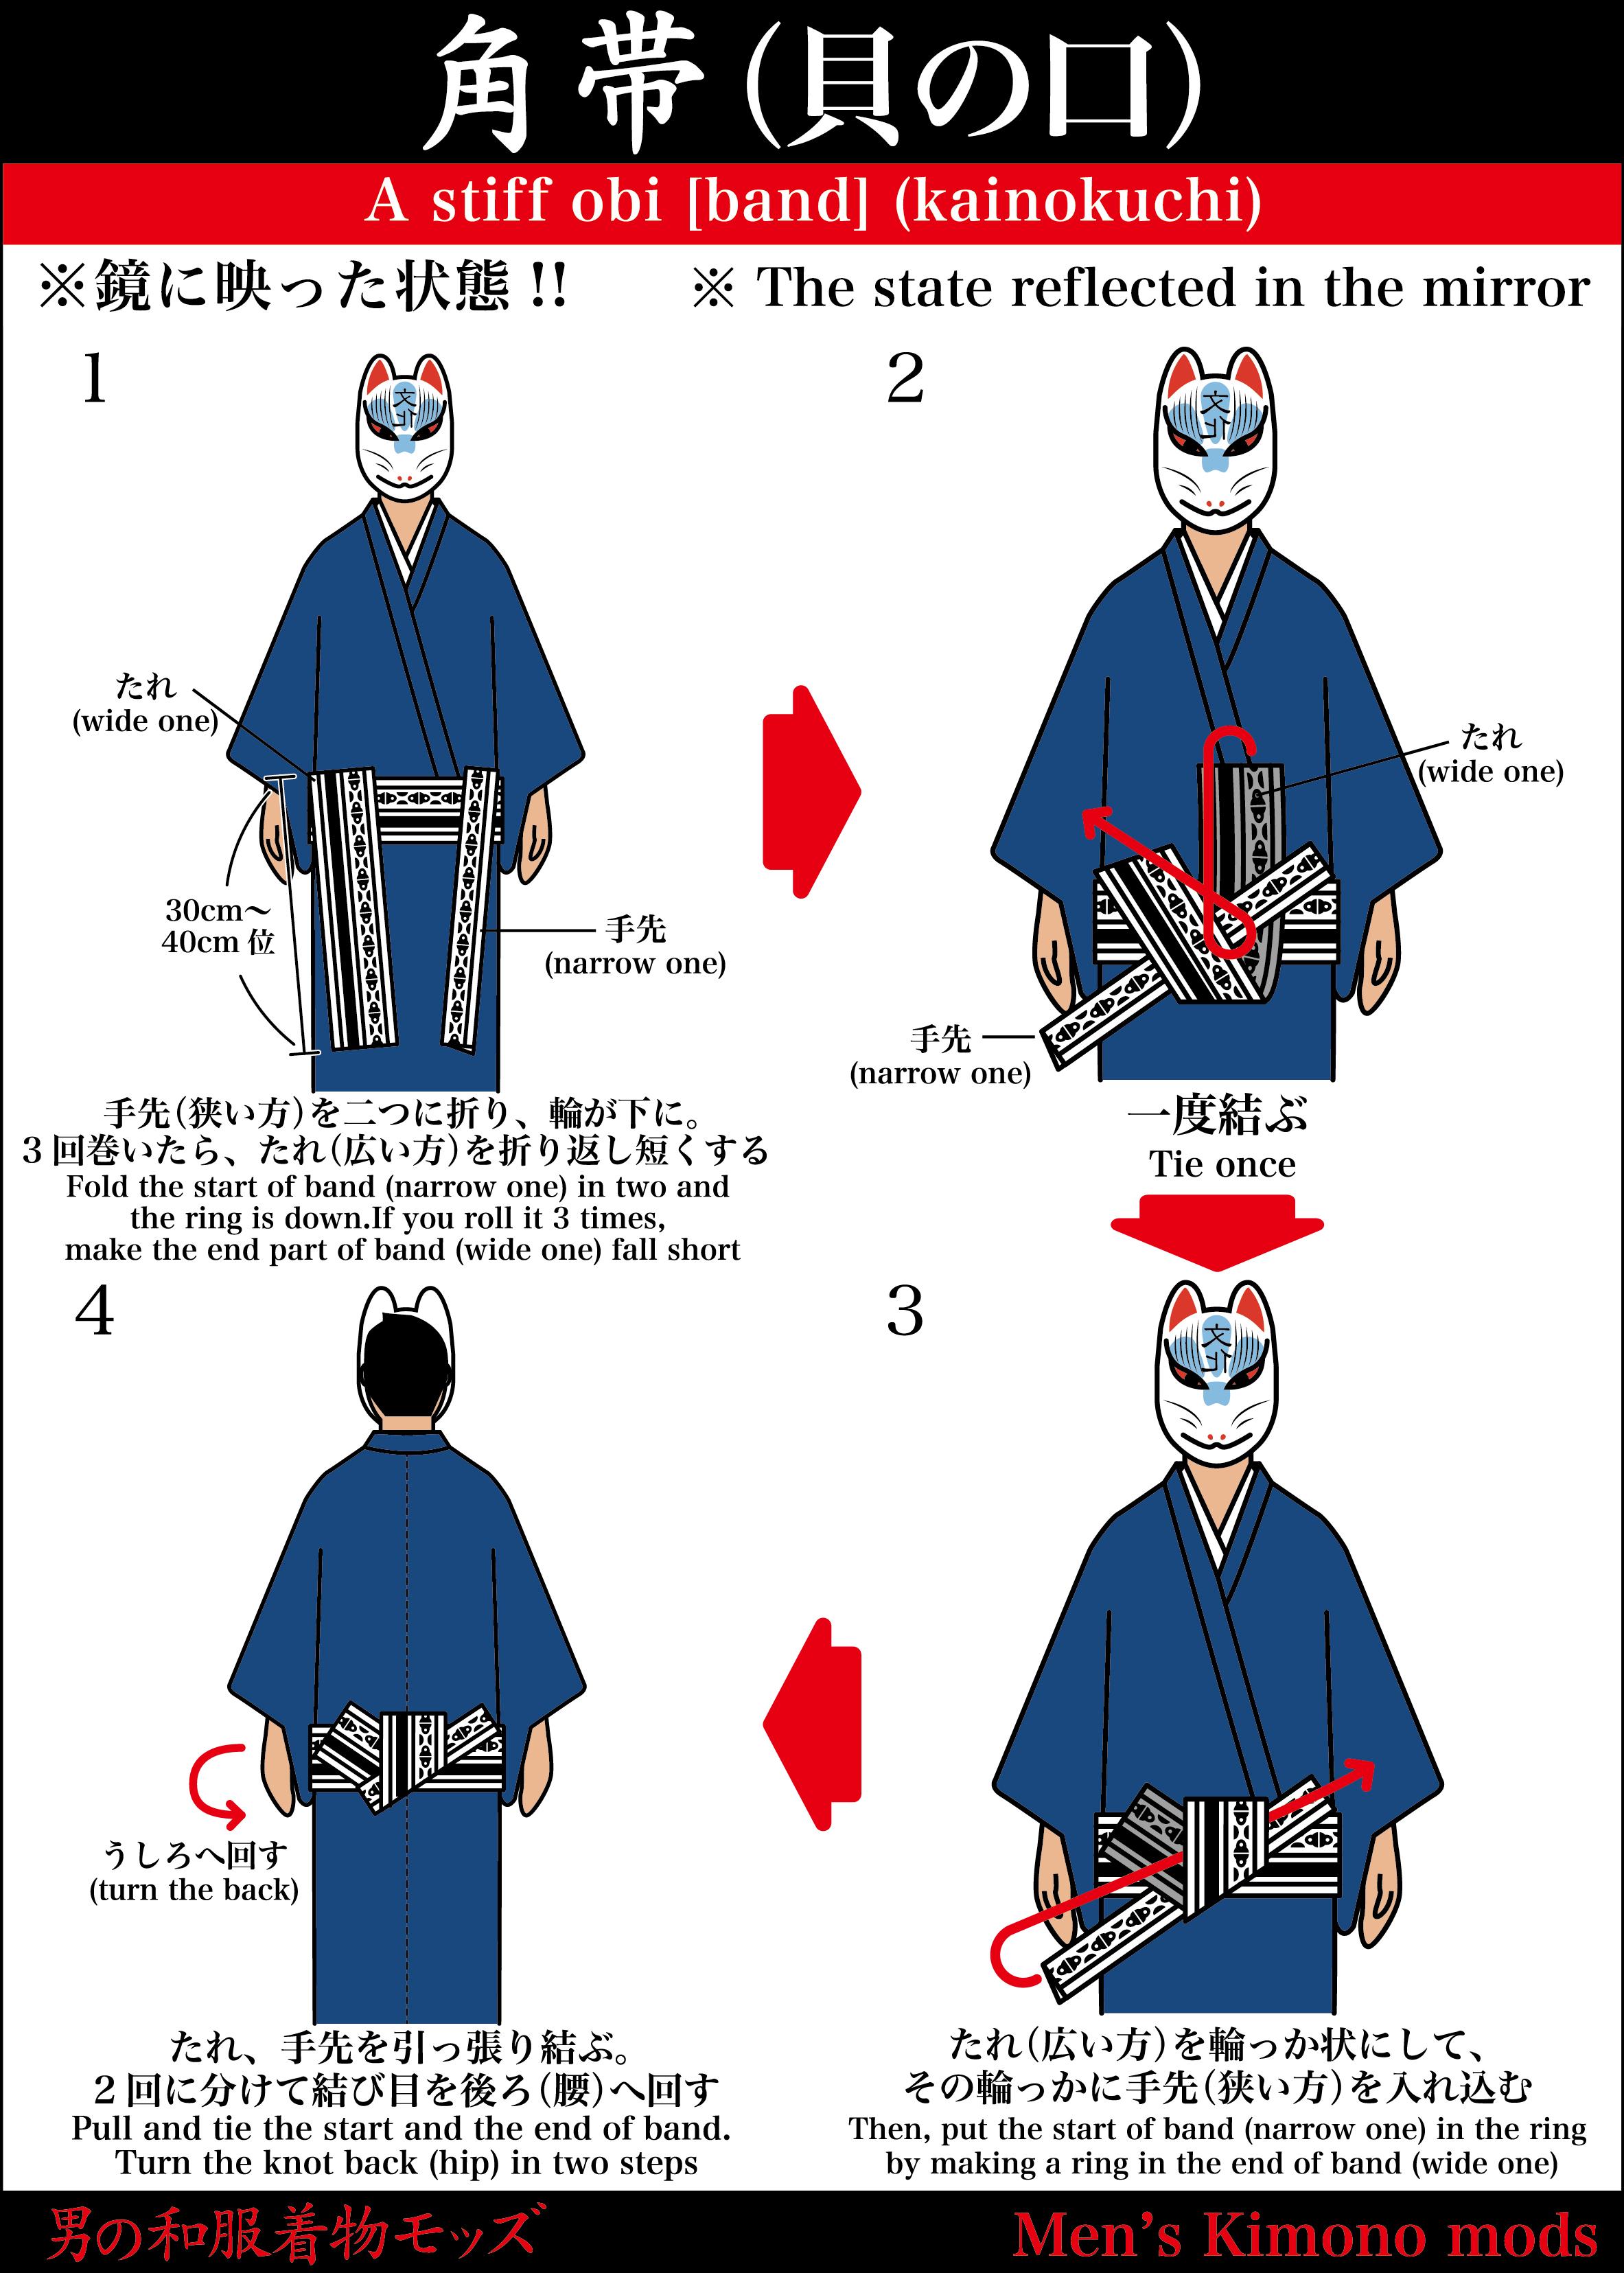 男の和服着物,モッズ,メンズ着物,和装,裏着物,漫画,早見表,狐面,角帯,帯結び,貝ノ口